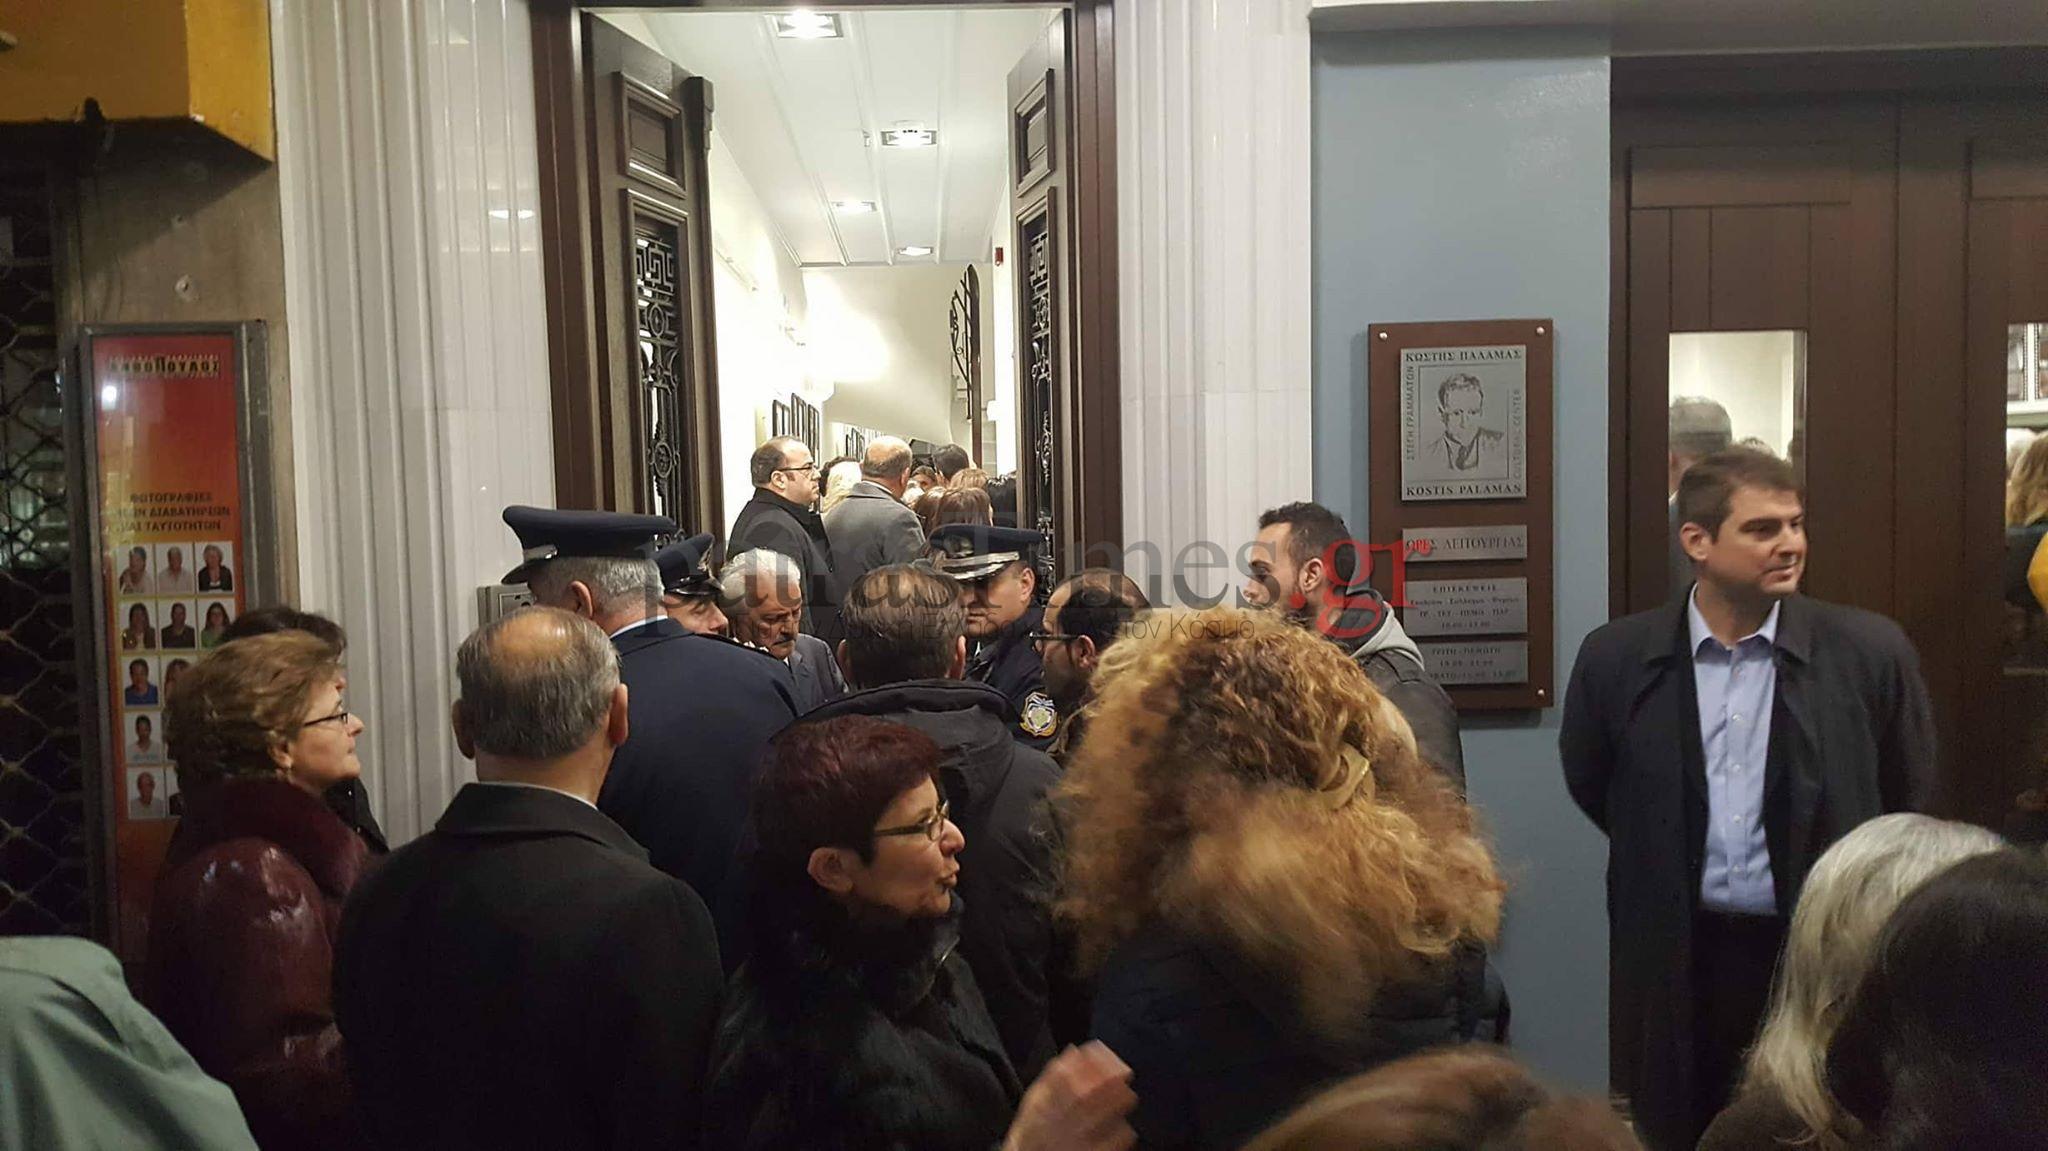 Πάτρα:Δεν άφησαν βουλευτές, πολιτευτές και δημοσιογράφους να μπουν στο σπίτι του Παλαμά